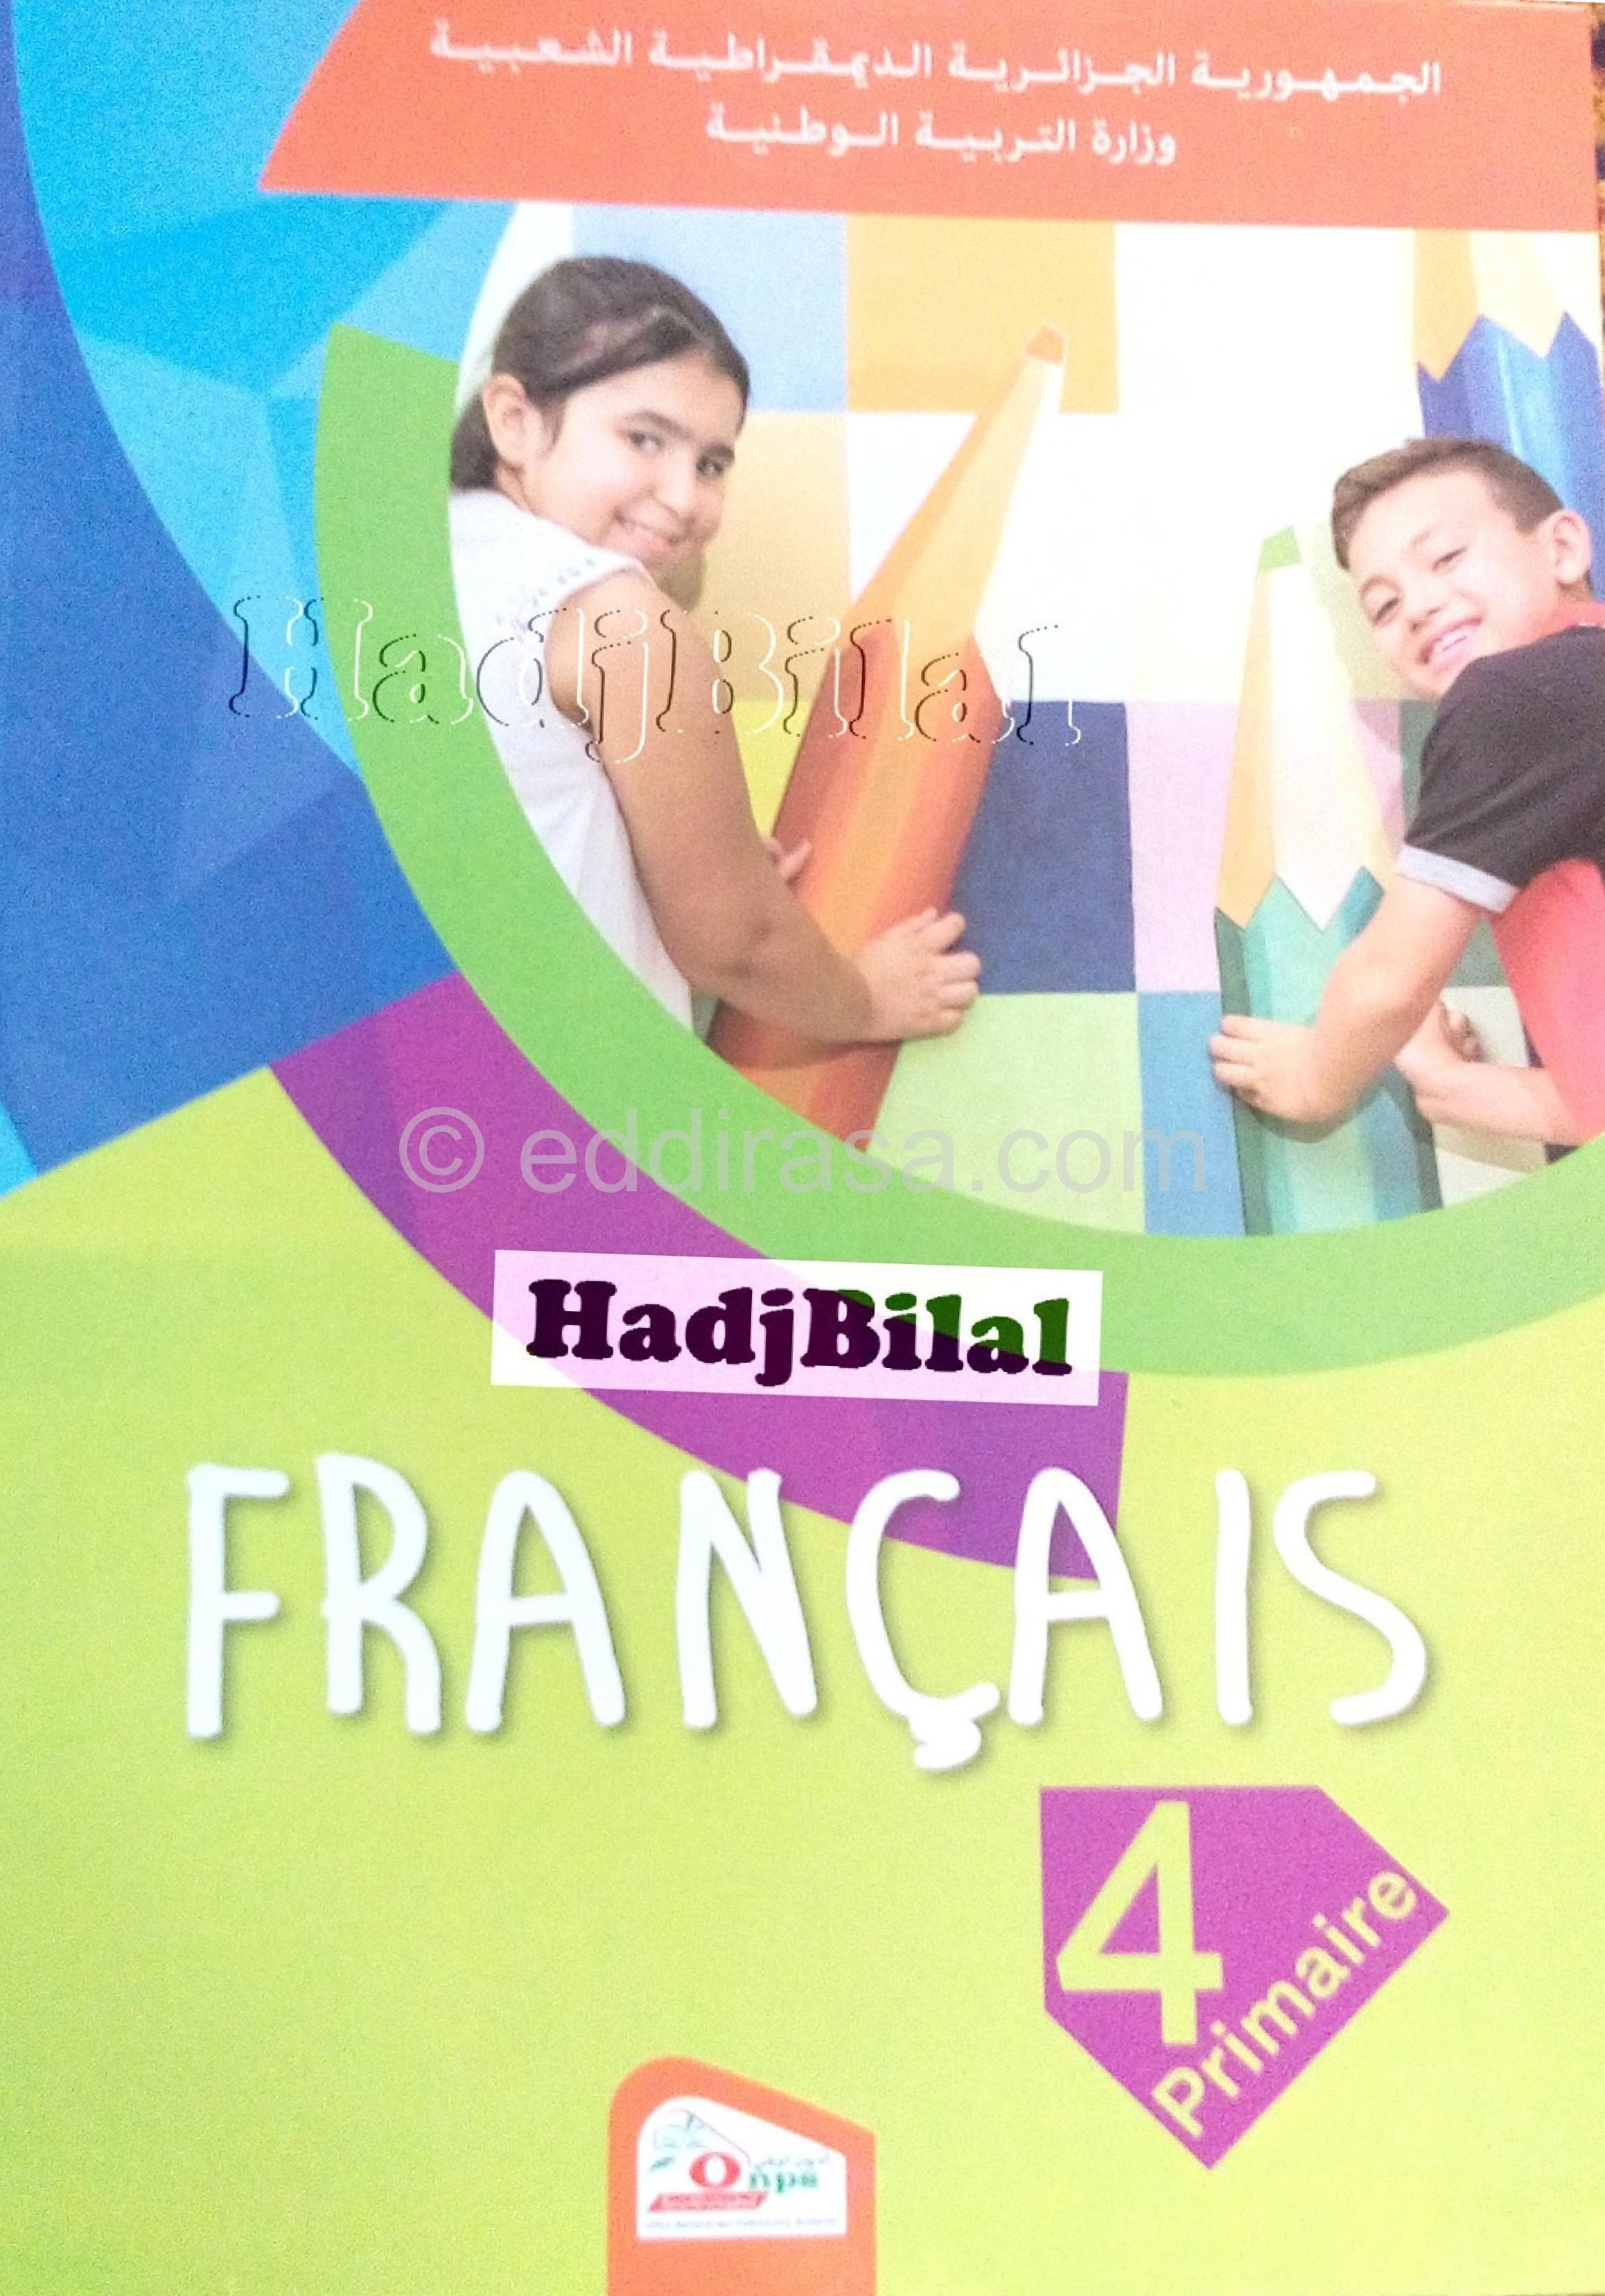 كتاب اللغة الفرنسية للسنة الرابعة إبتدائي الجيل الثاني